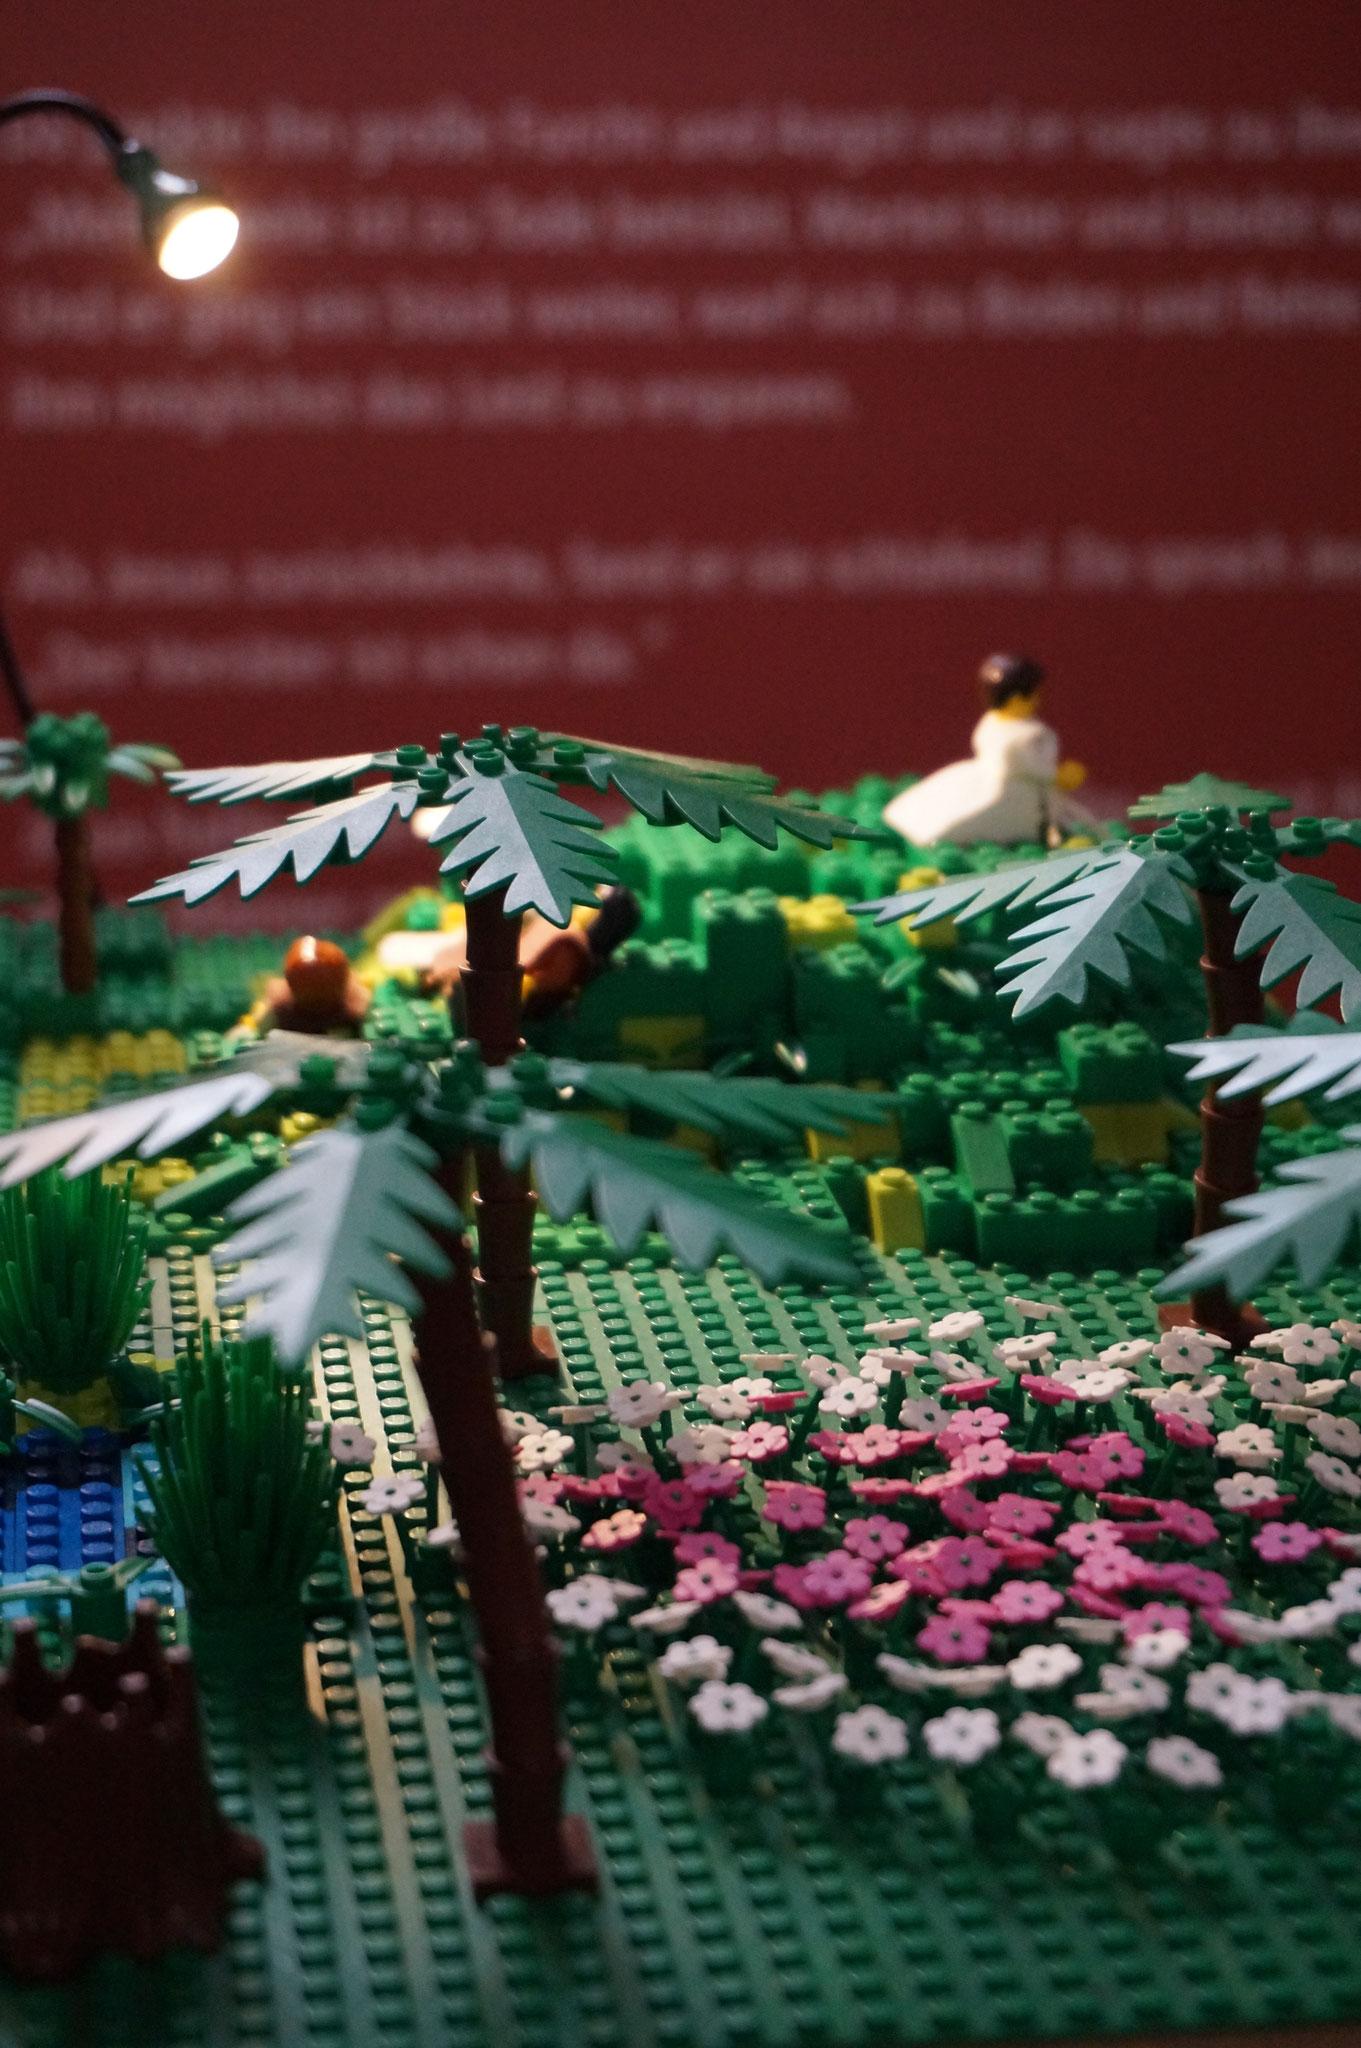 3. Station - Jesus geht in den Garten um zu beten und wird dort verhaftet